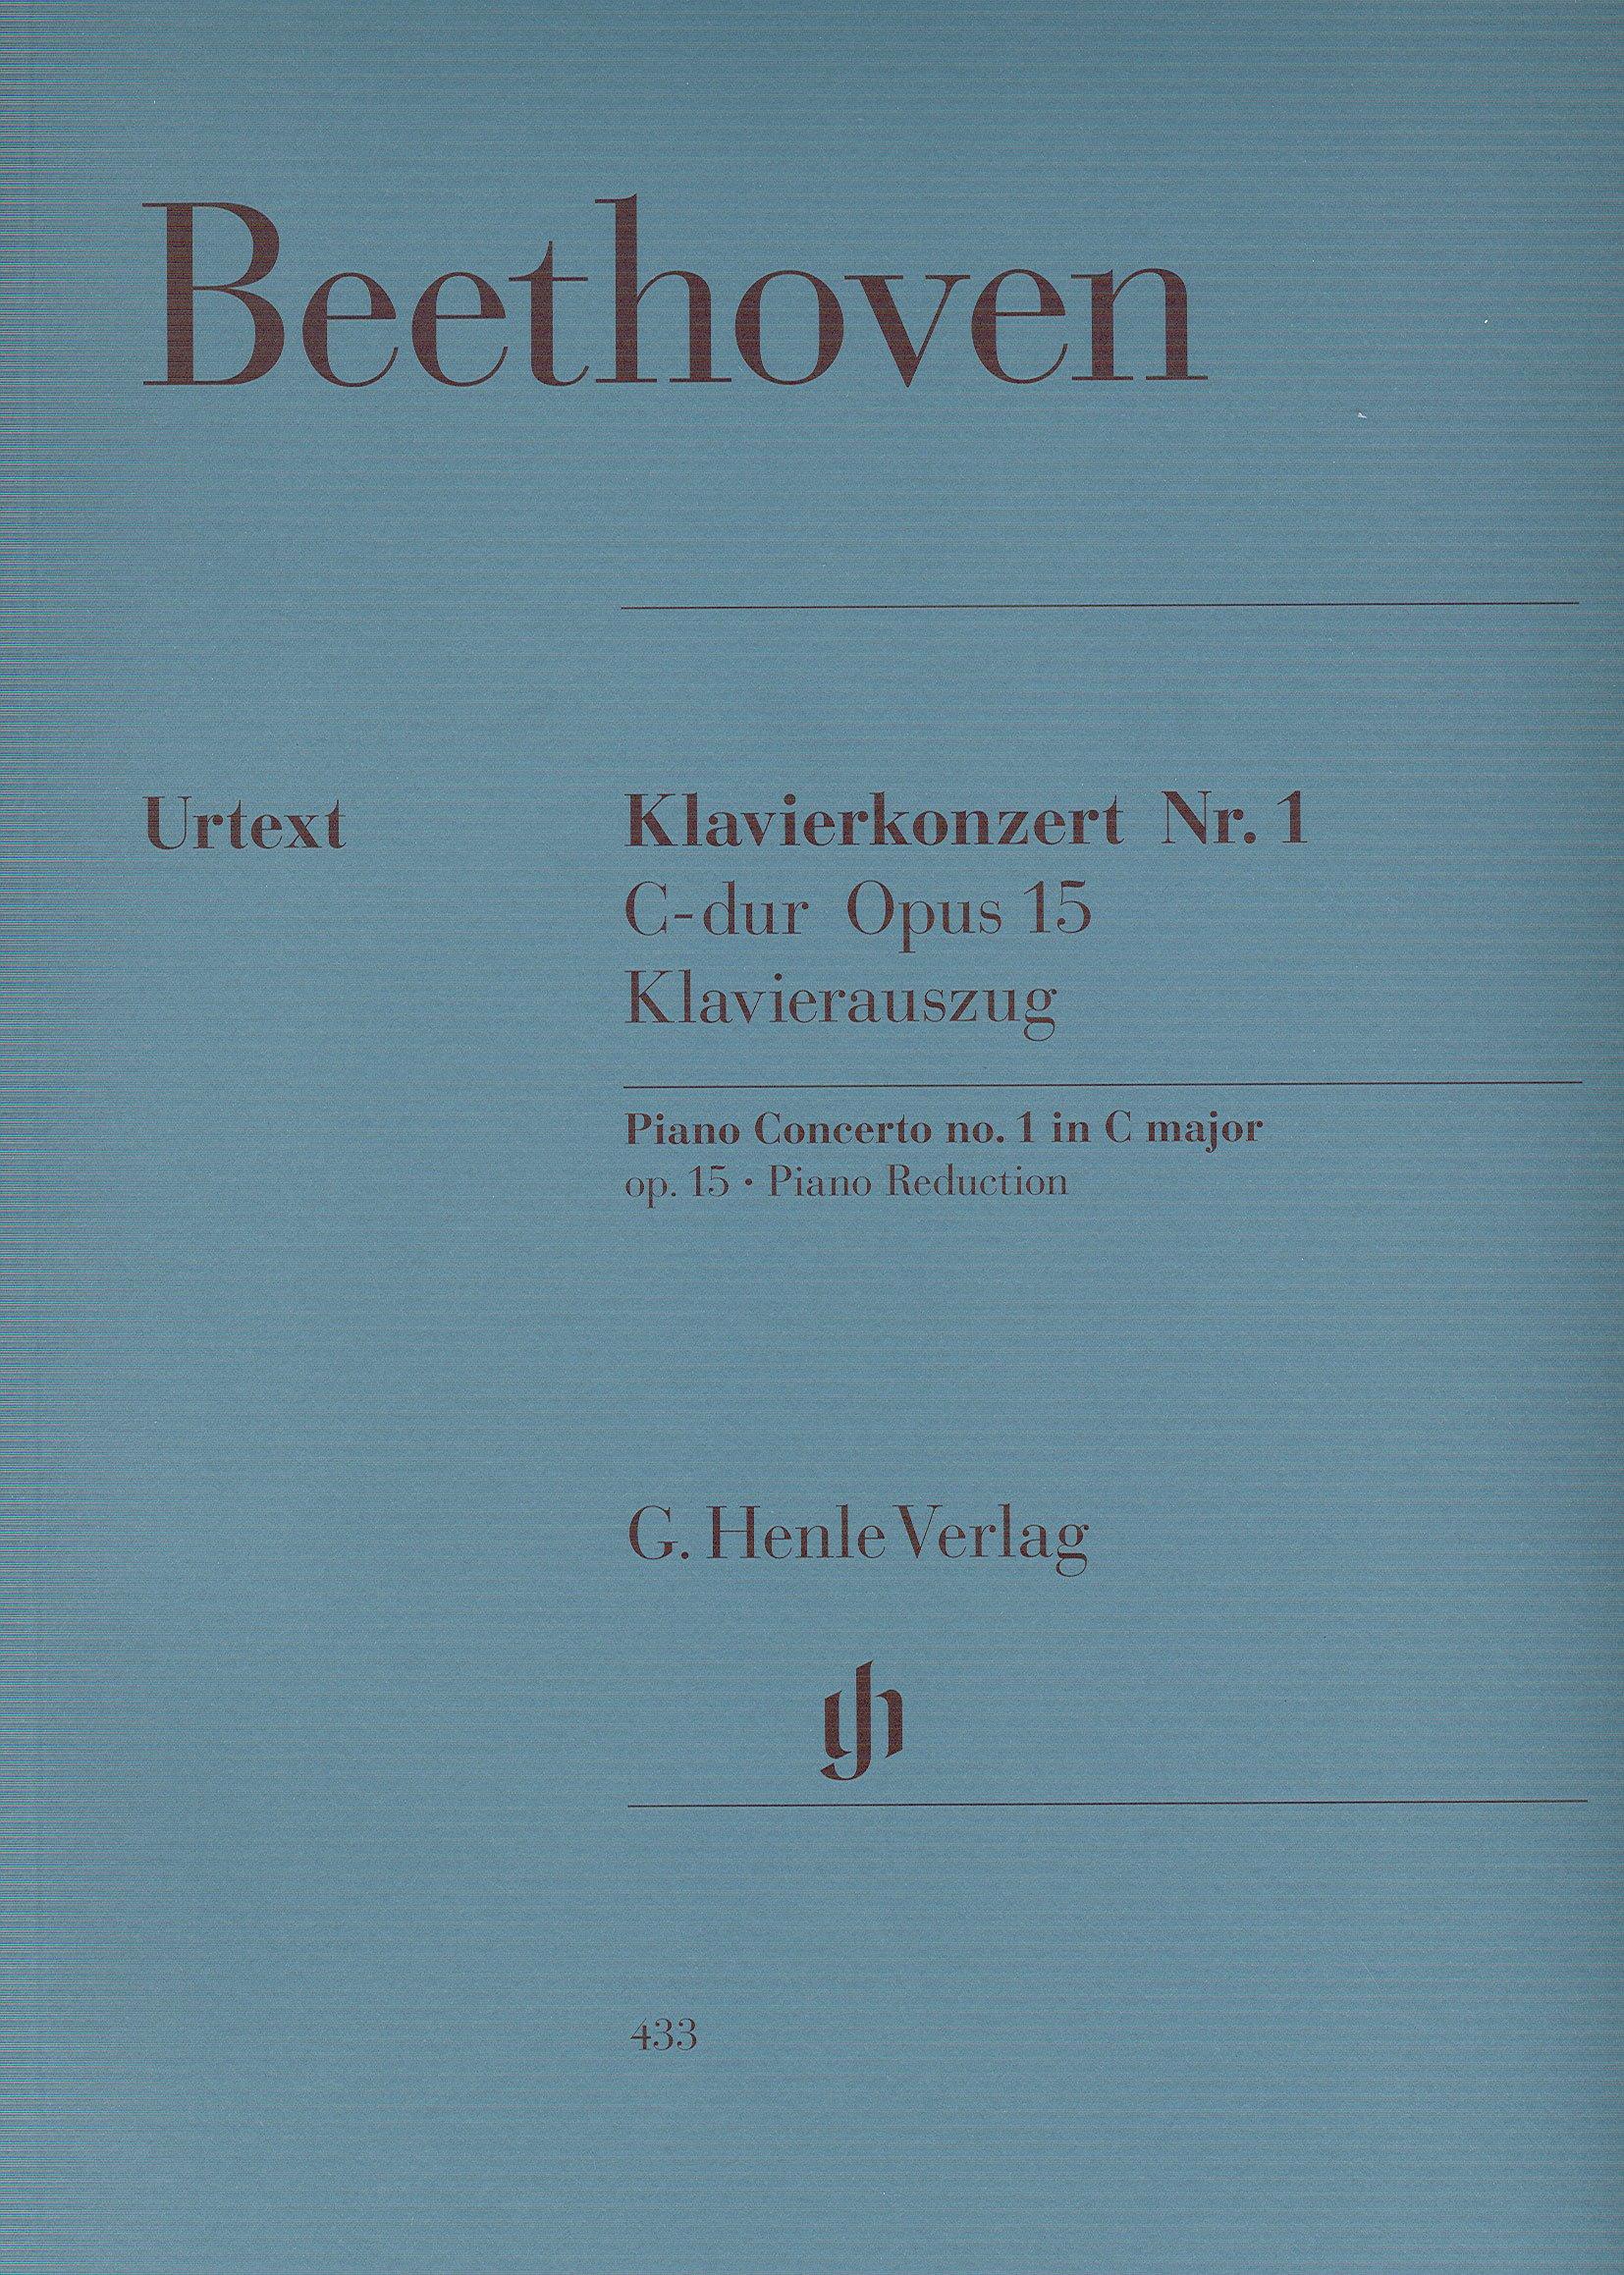 Download BEETHOVEN - Concierto nº 1 en Do Mayor Op.15 para 2 Pianos a 4 Manos (Urtext) ebook